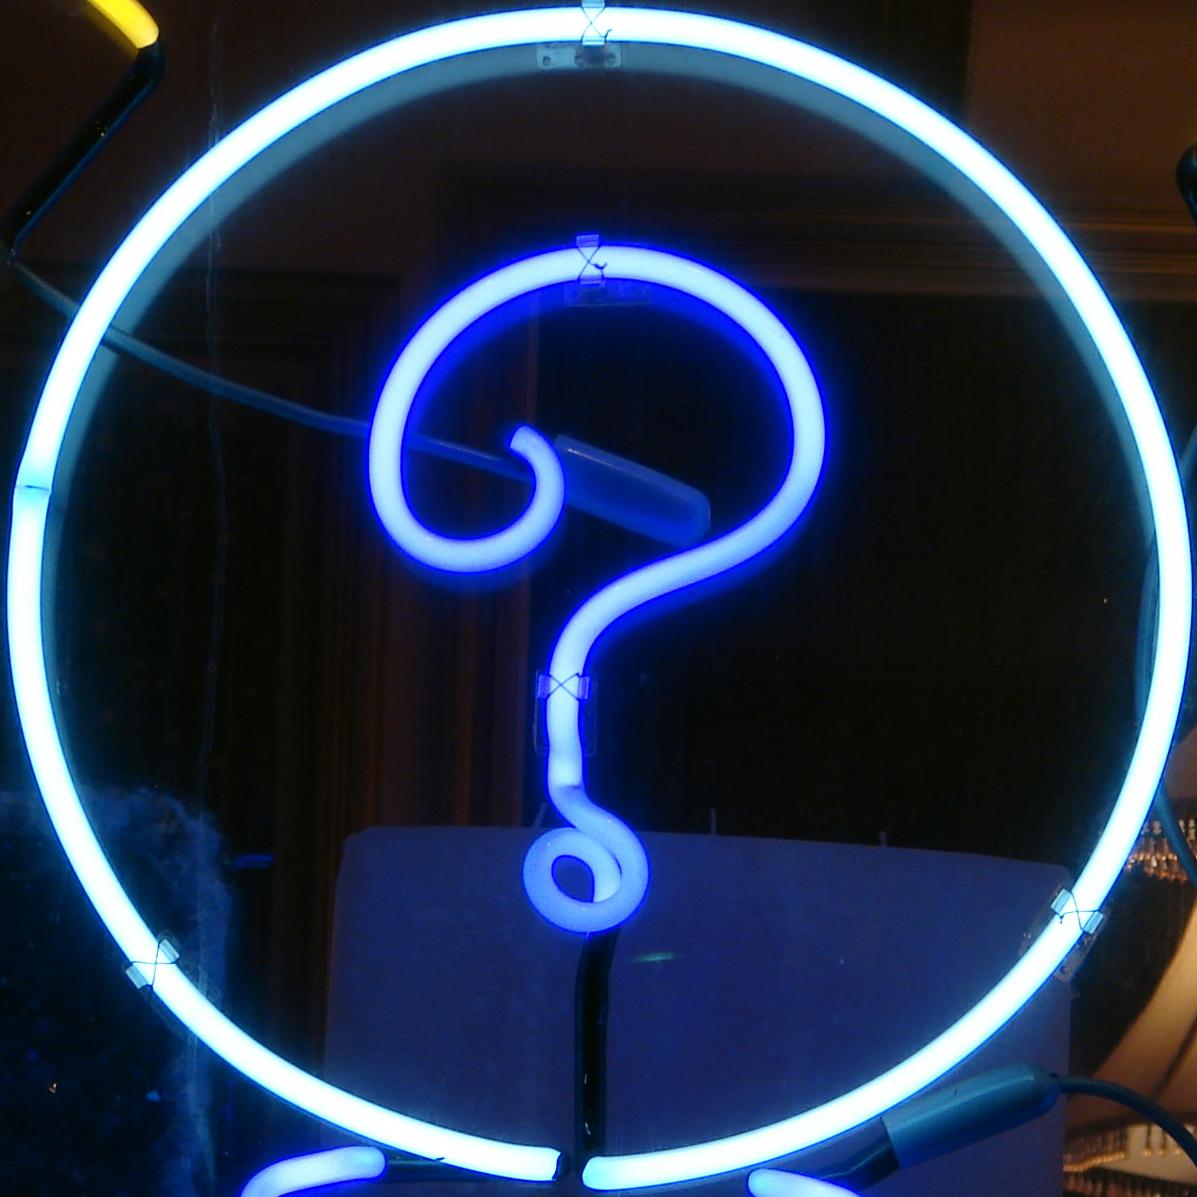 Neon Question Mark Gareth Simpson Flickr